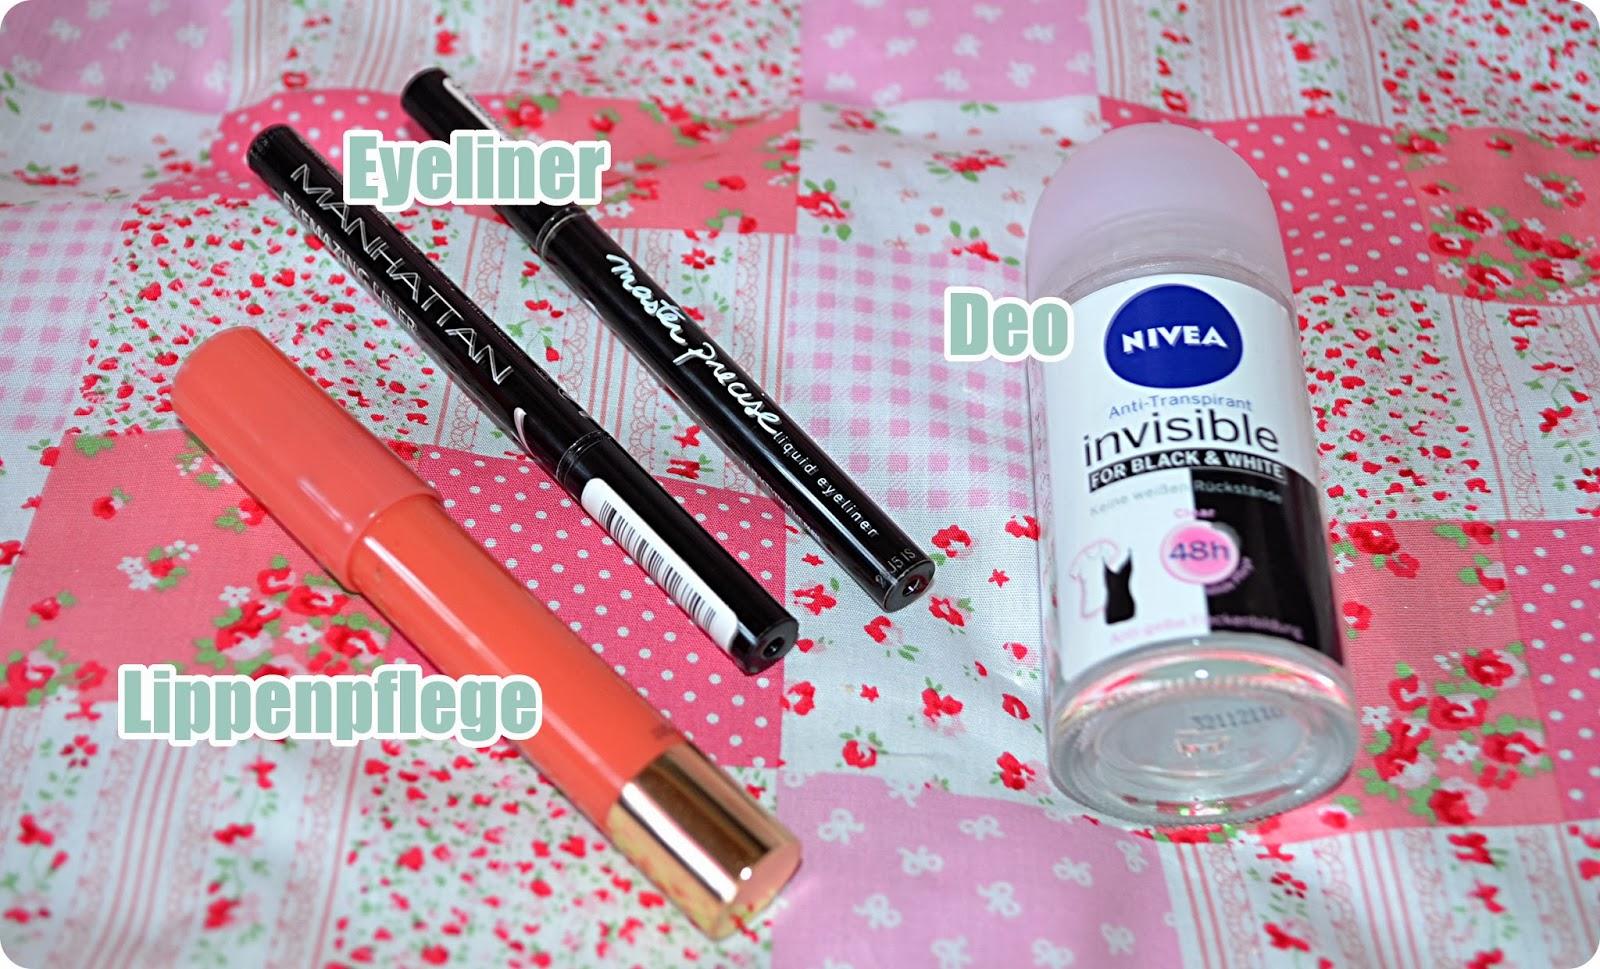 Aufgebraucht im November & Dezember  2013 - Kosmetikprodukte